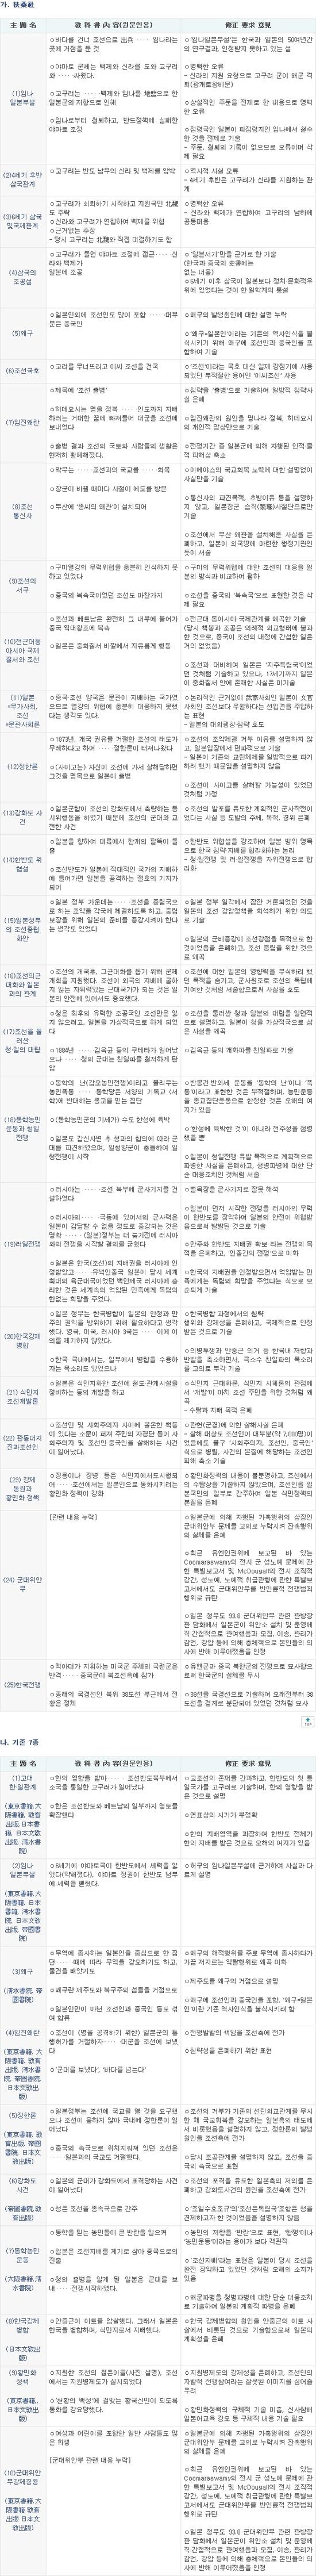 교과서왜곡_chokeytude01